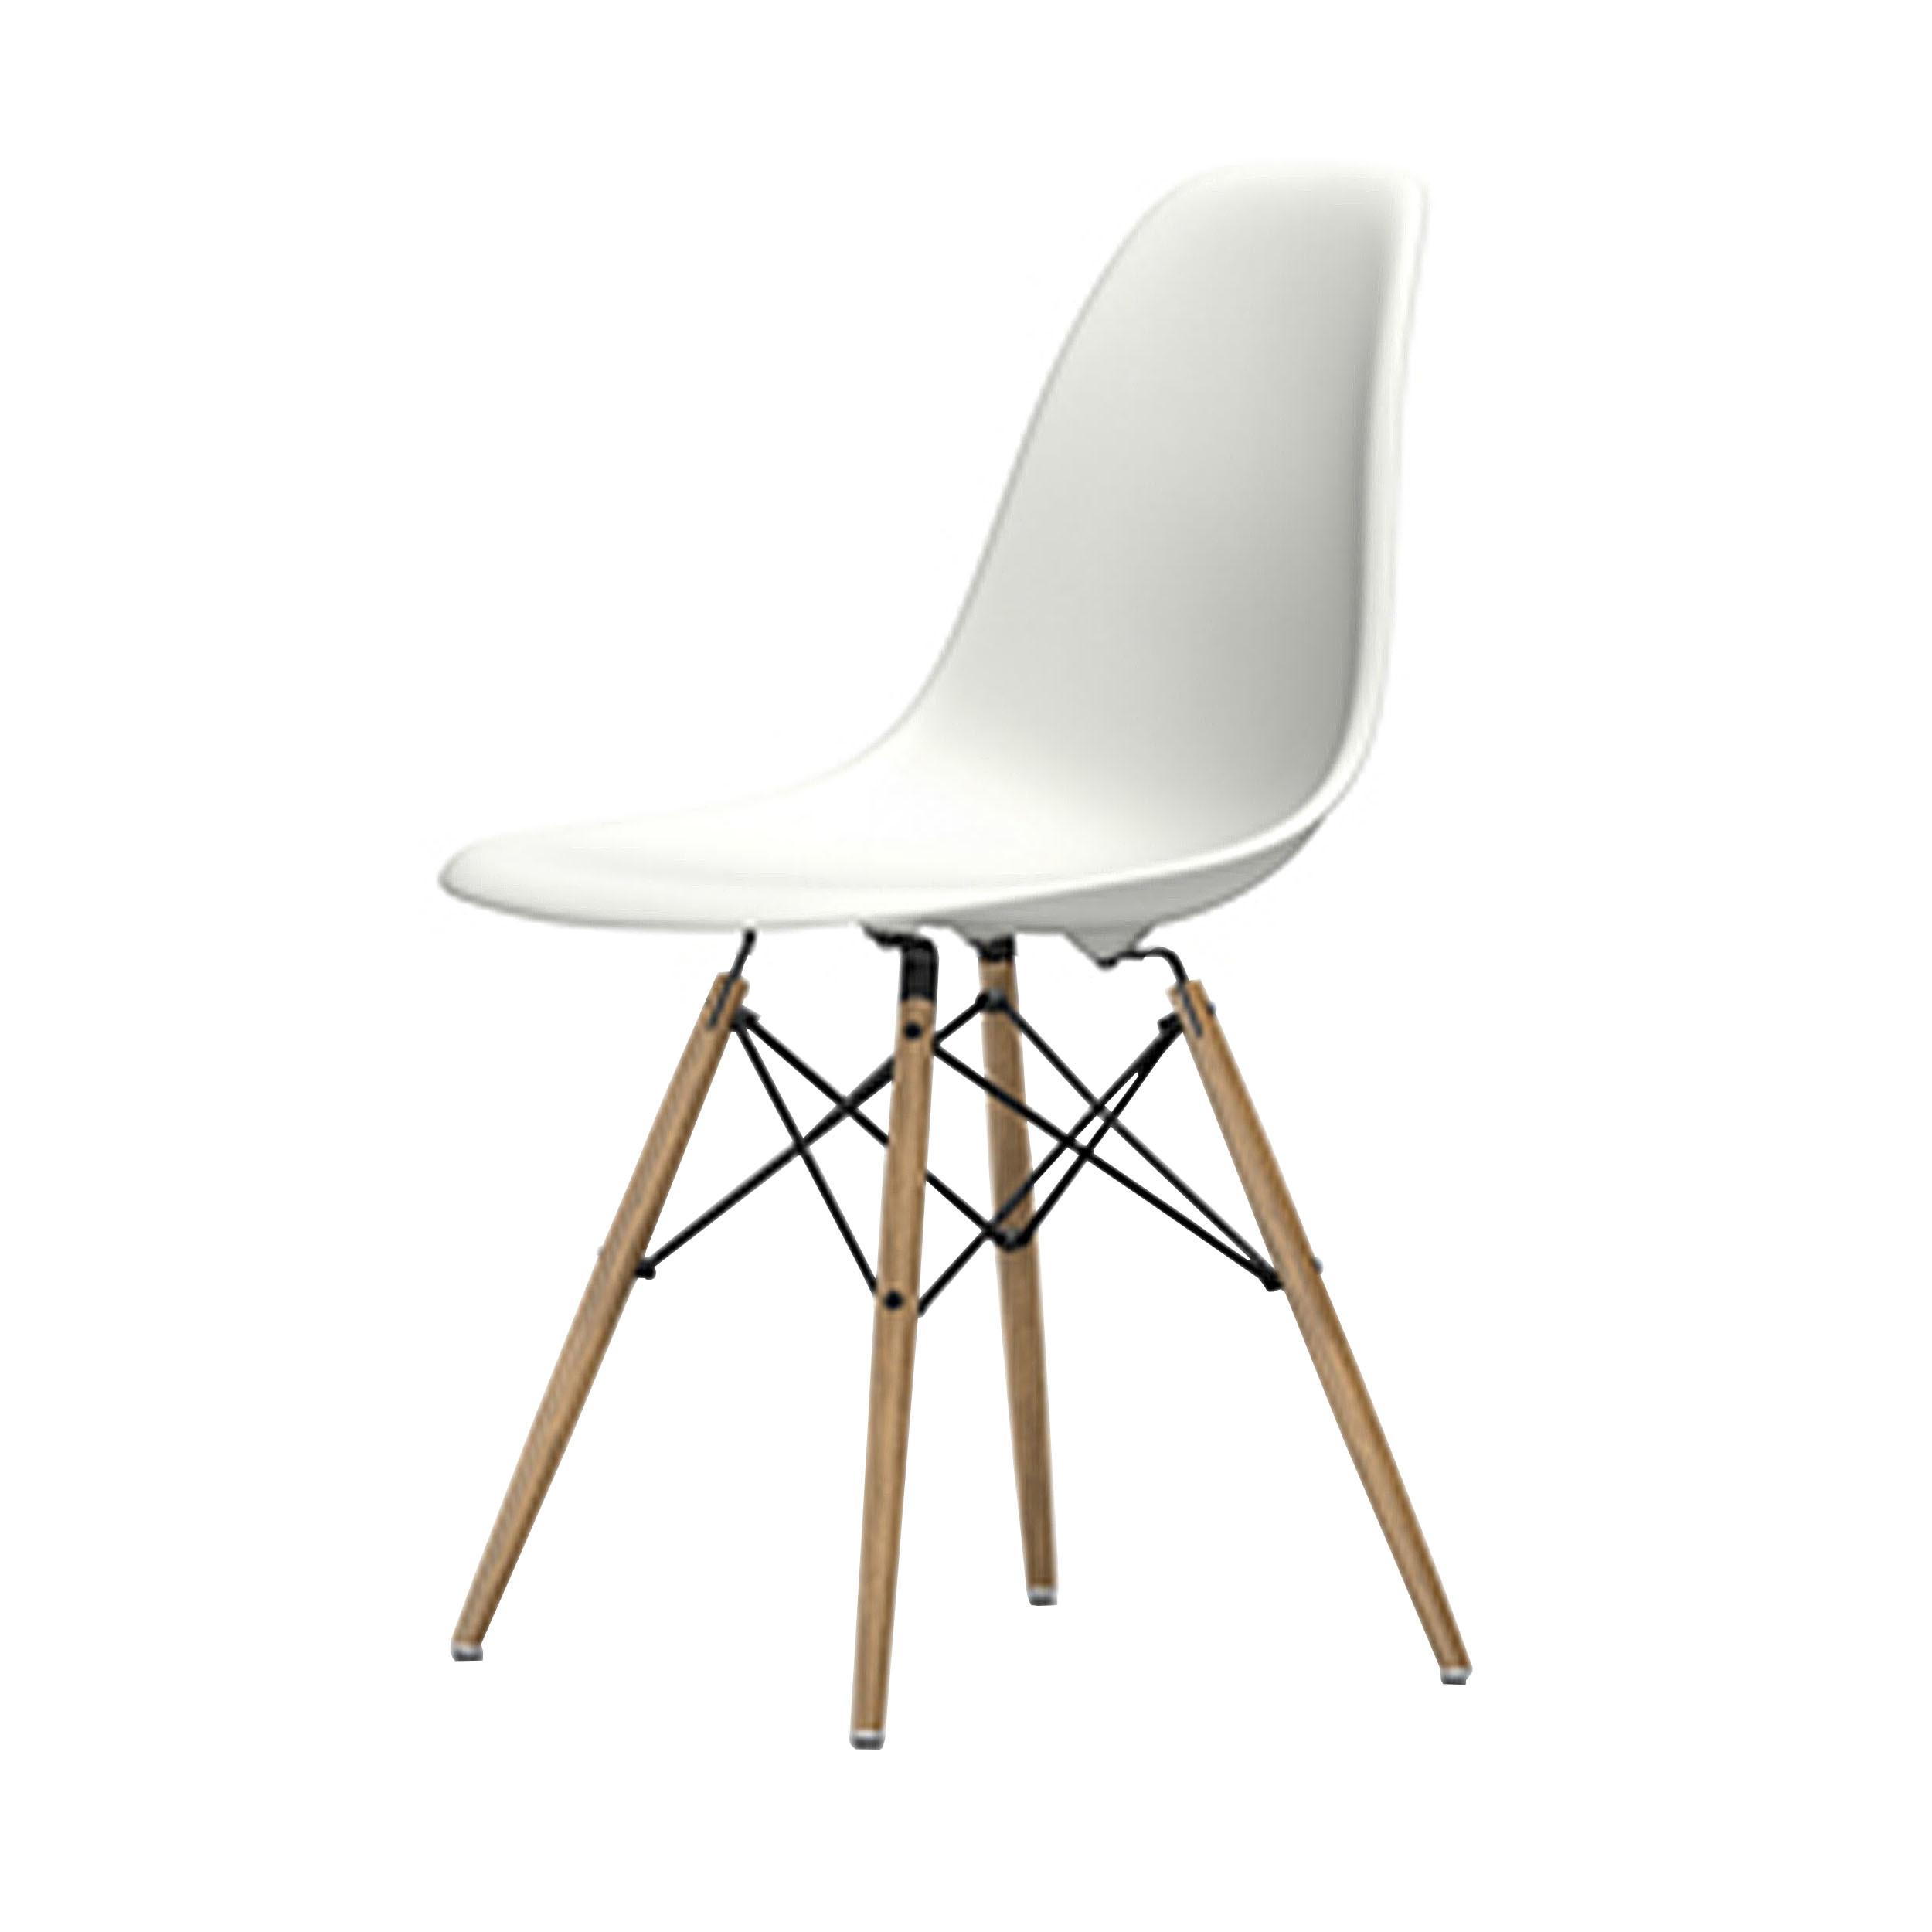 eames plastic side chair stuhl dsw mit kunststoffgleitern weiss esche neue ma e. Black Bedroom Furniture Sets. Home Design Ideas